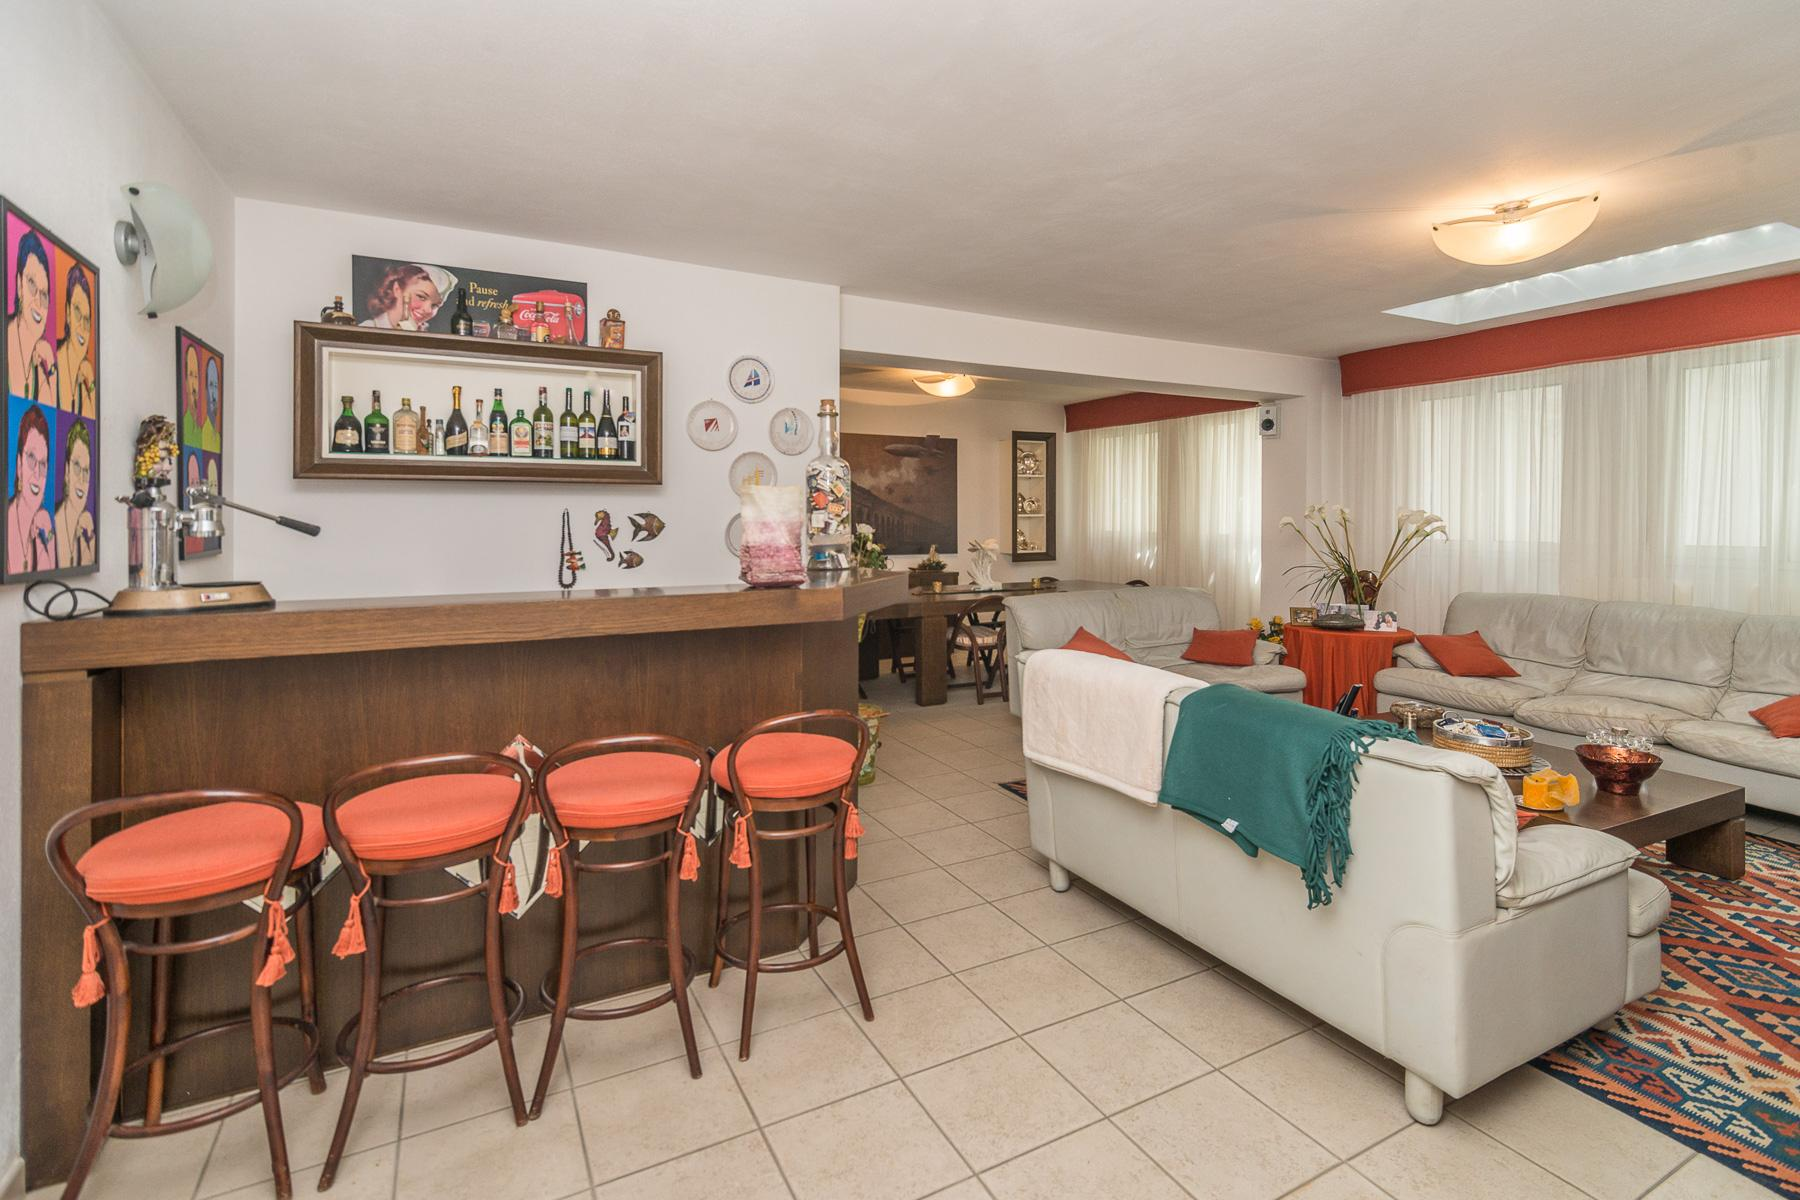 Golf Club Castelconturbia, splendida villa di 300 mq con giardino di 1500 mq e jacuzzi - 28